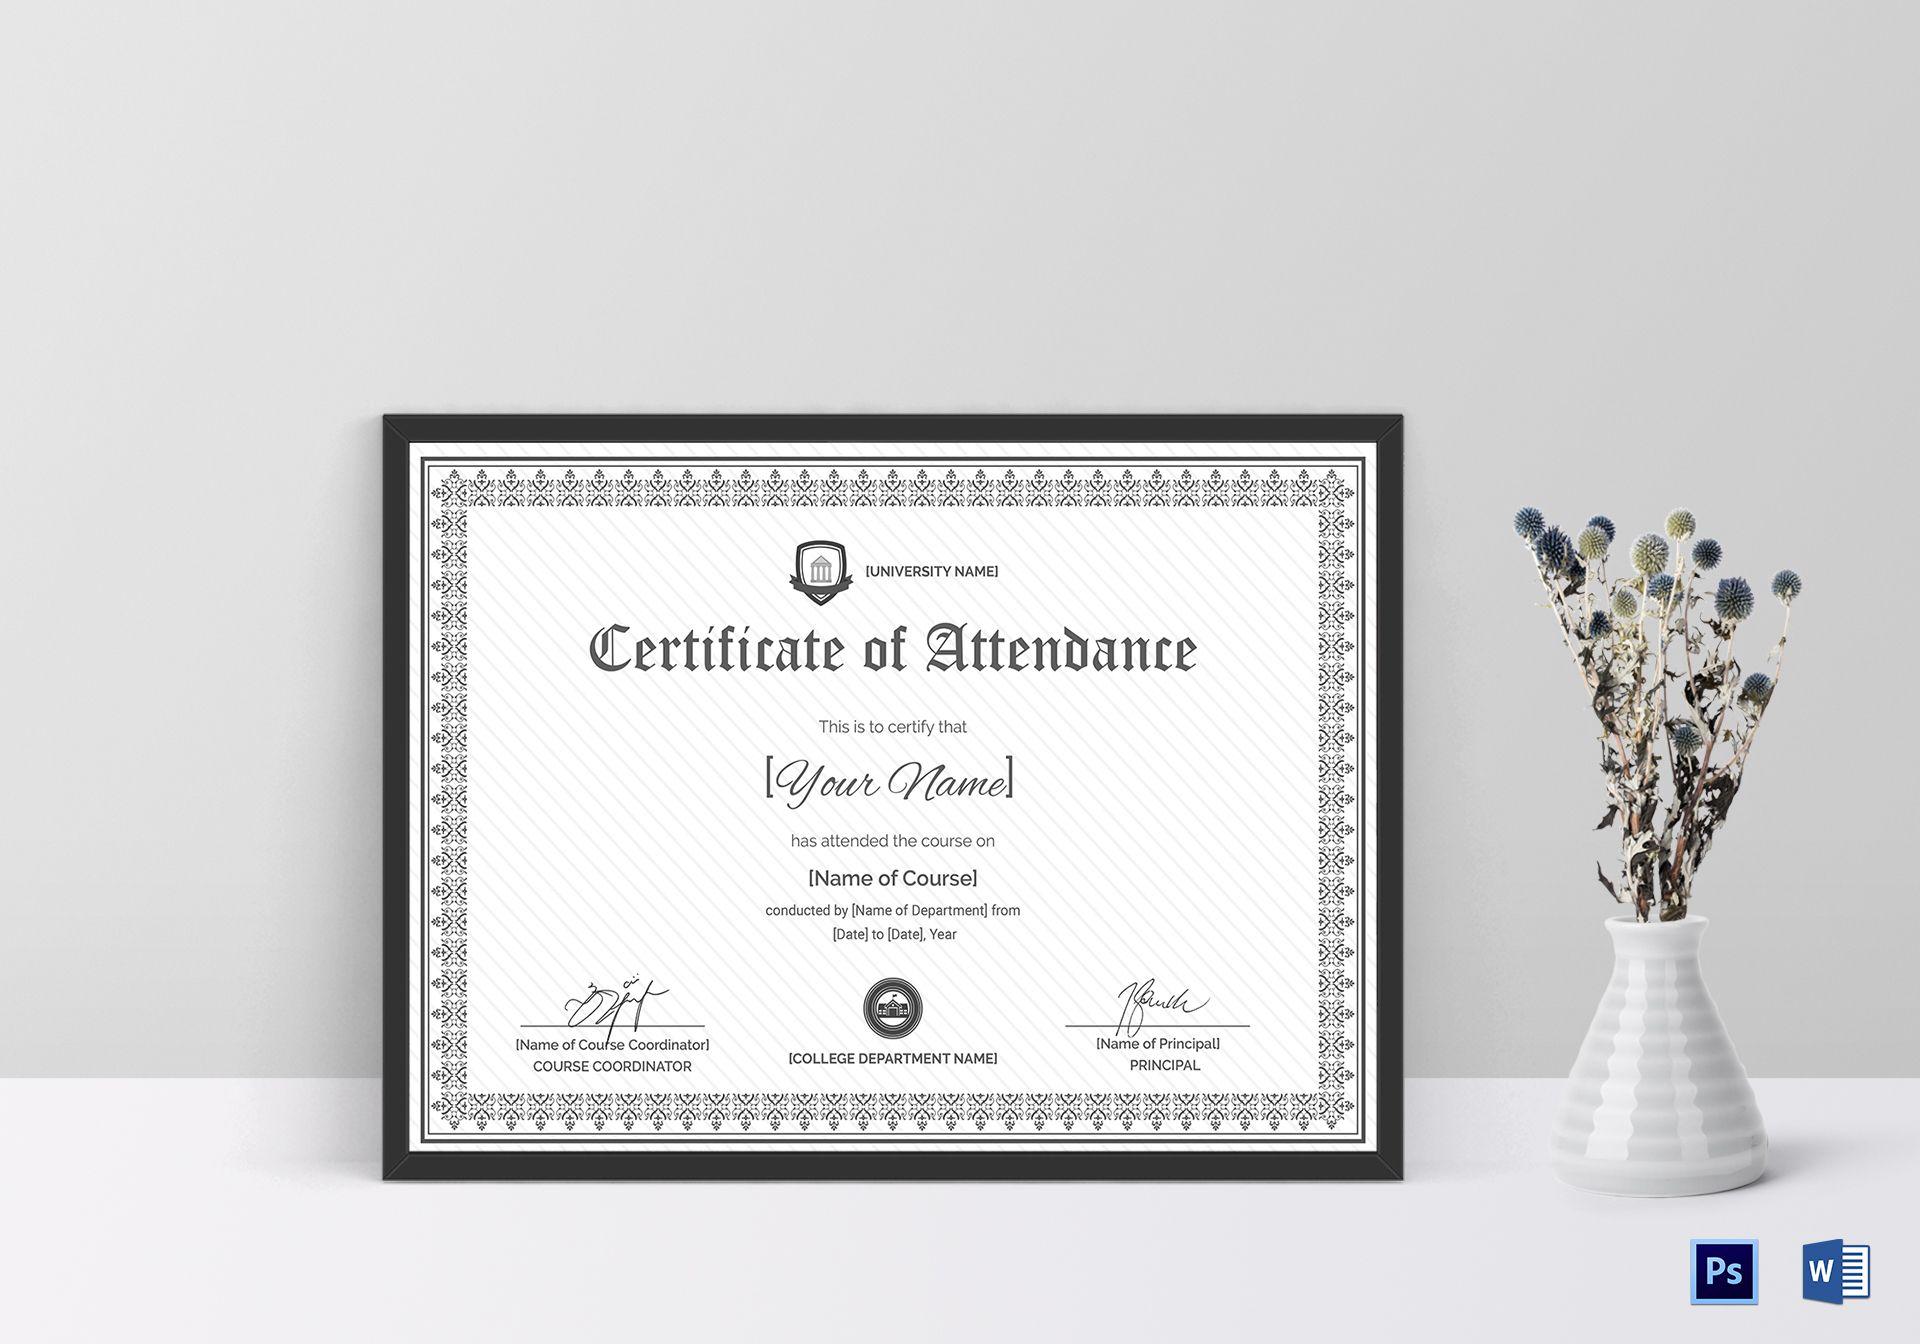 Course Attendance Certificate